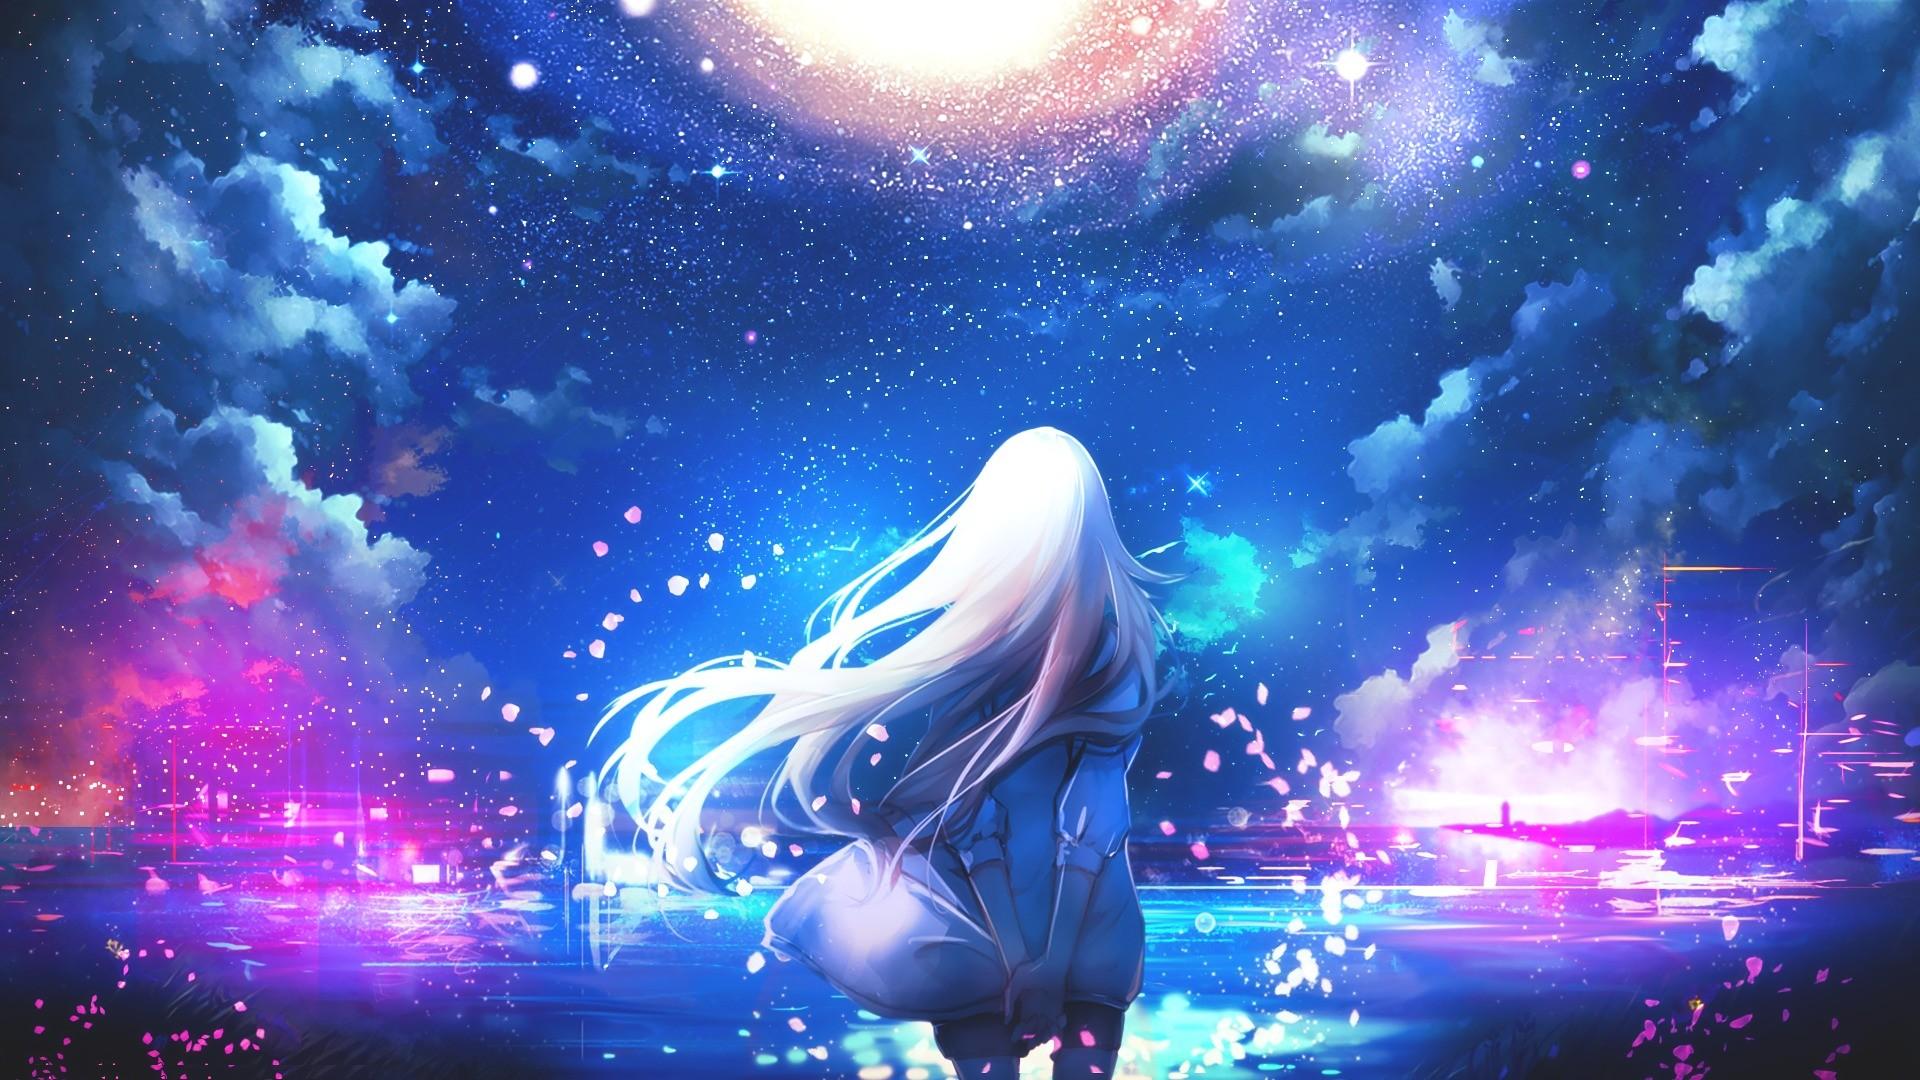 Wallpaper : Long Hair, White Hair, Anime Girls, Sky, Stars